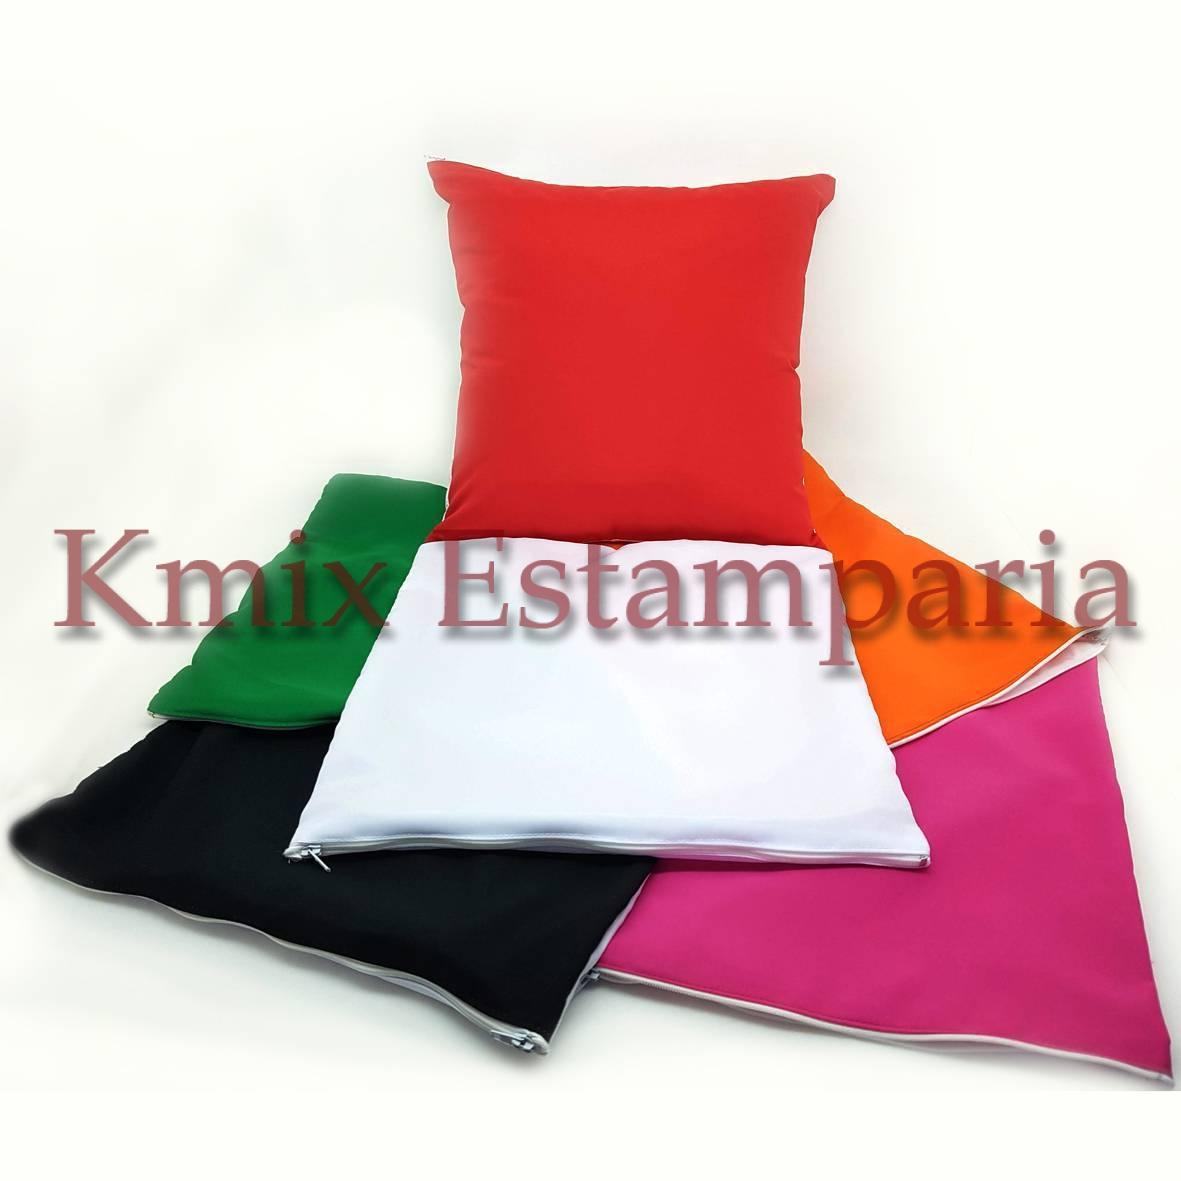 Capas 45x45 cm para sublimação com ziper (pedido minimo 10 p - kmix estamparia